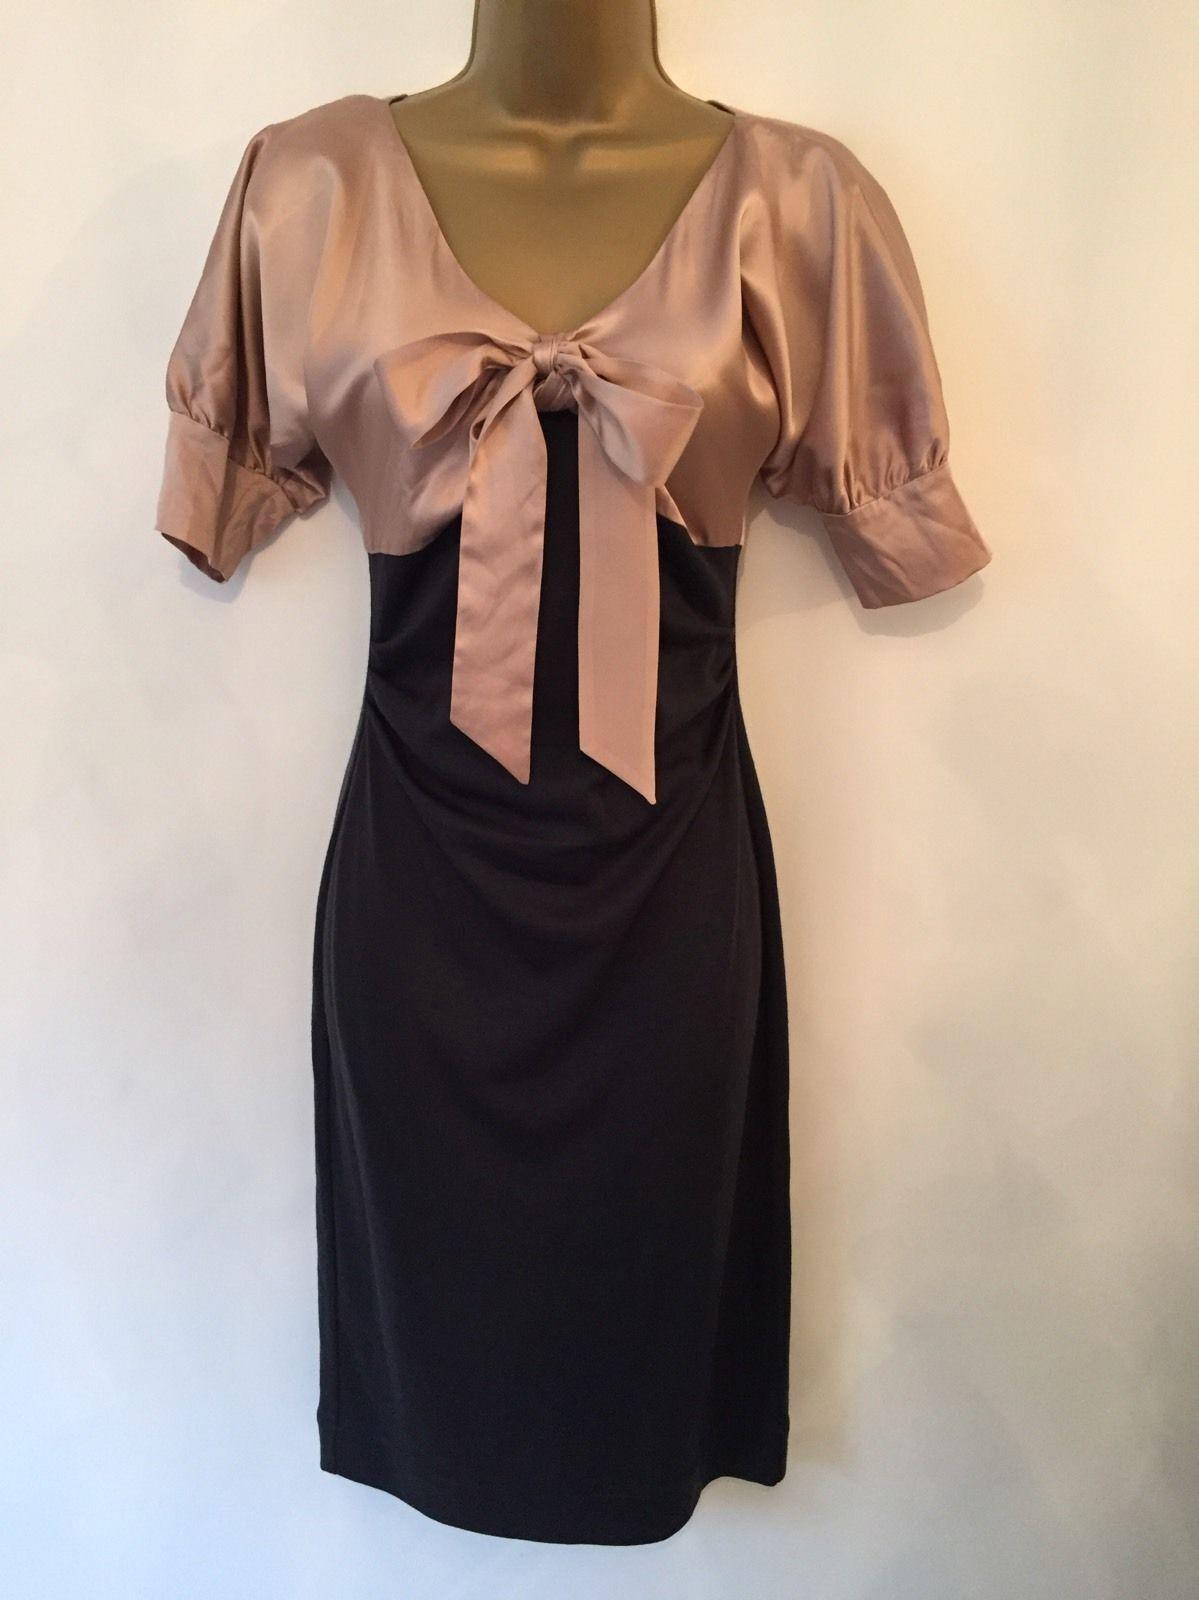 Diane Von Furstenberg 8 10 XS Seda  Melocotón Y Negro Vestido Ajustado arco Smart 1940s  ahorra hasta un 50%